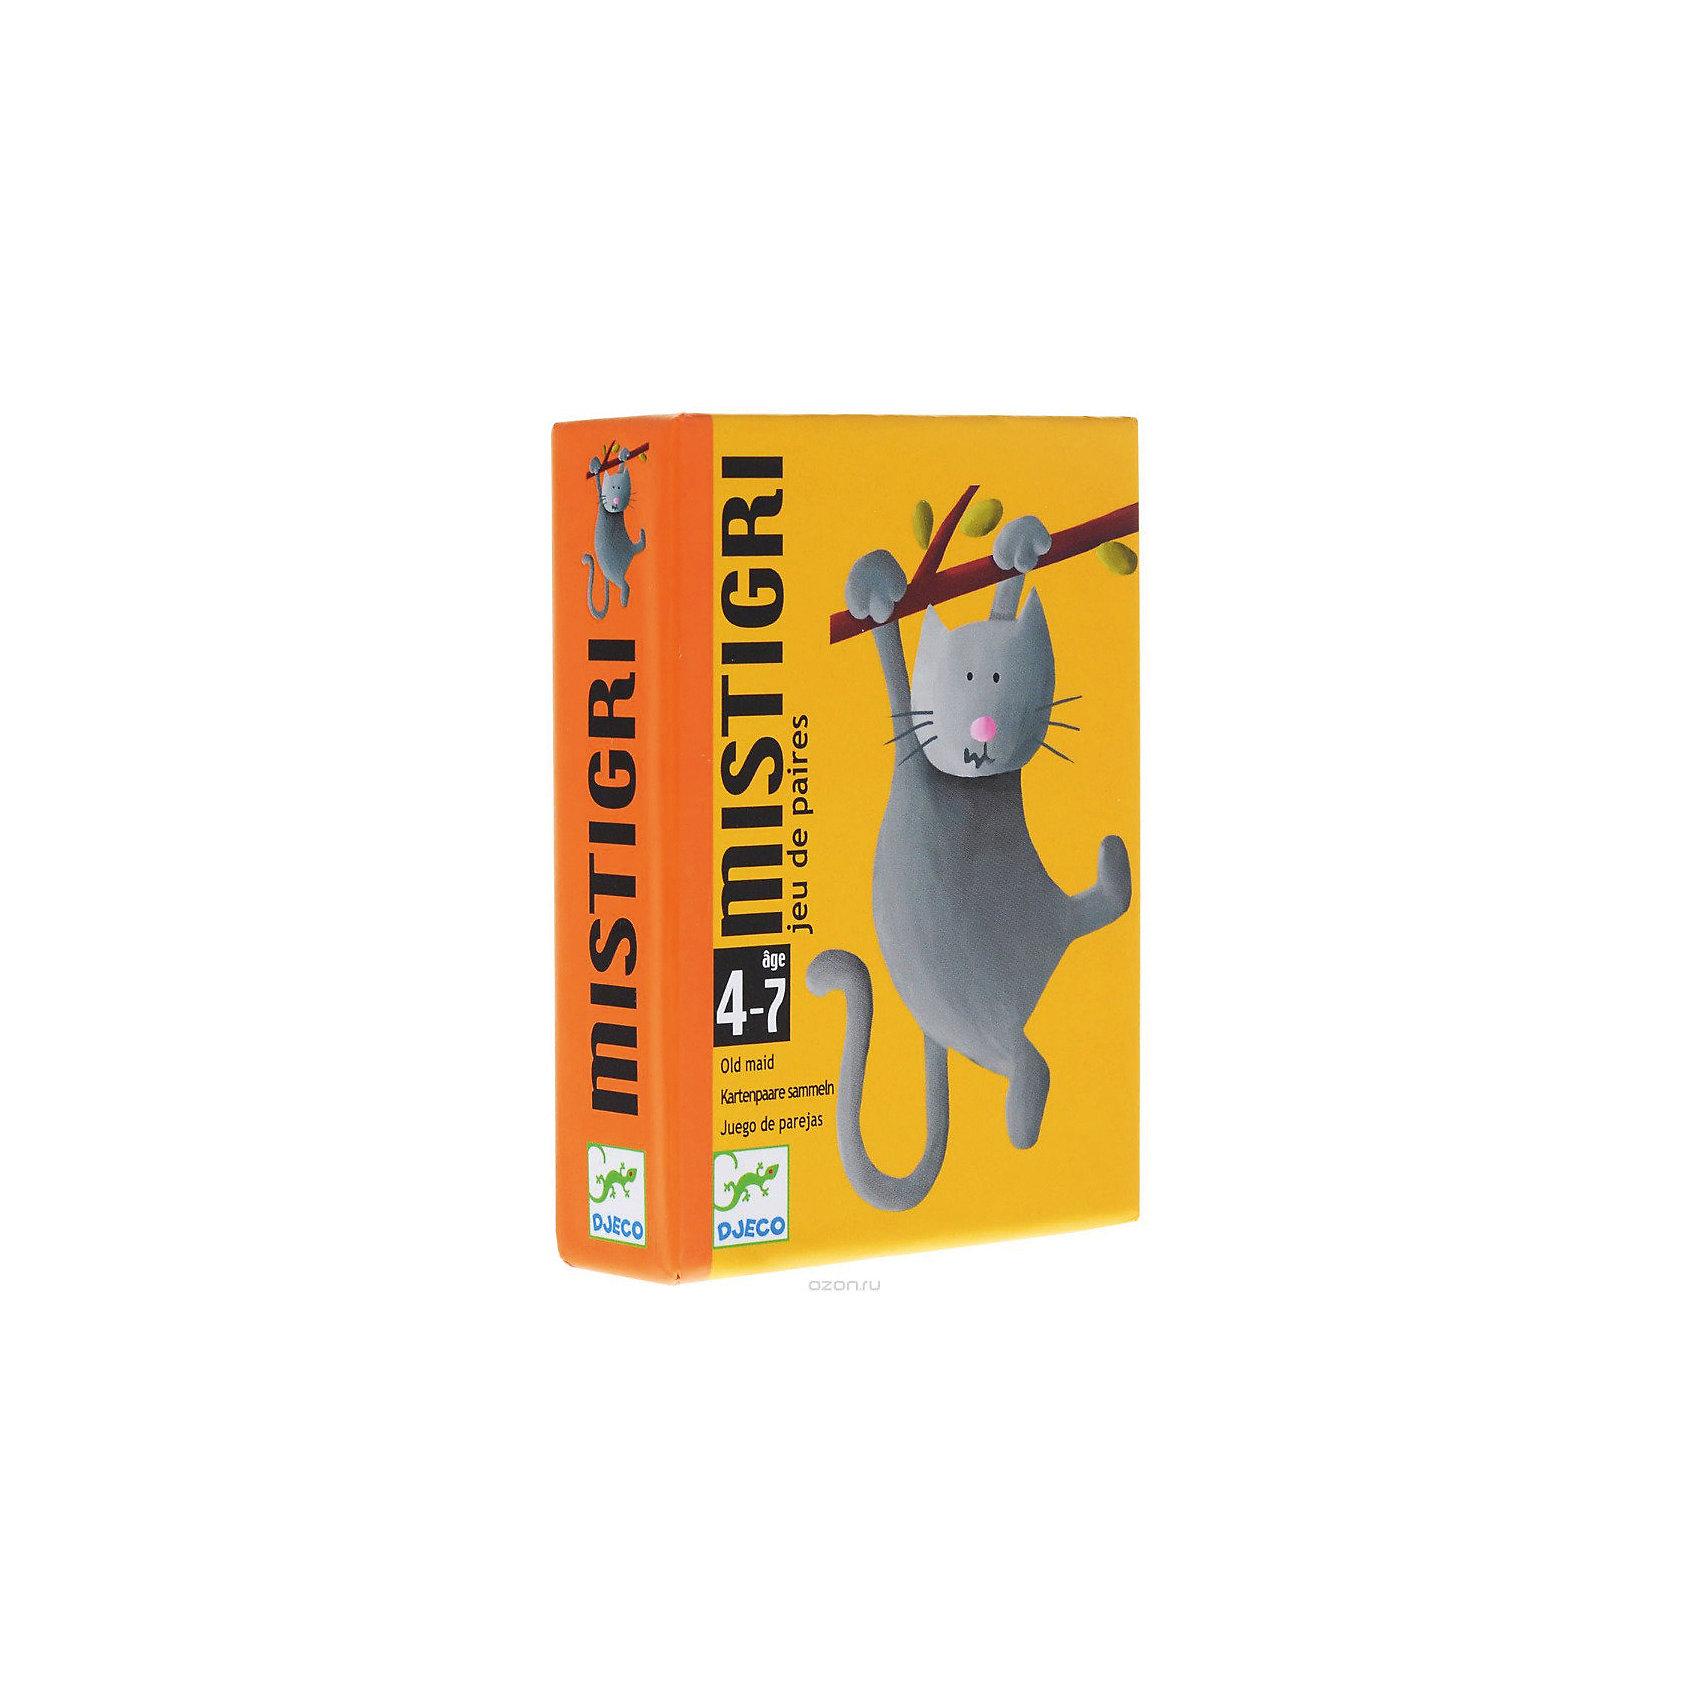 DJECO Настольная игра Мистигри, DJECO игры для малышей djeco детская настольная карточная игра мини семья